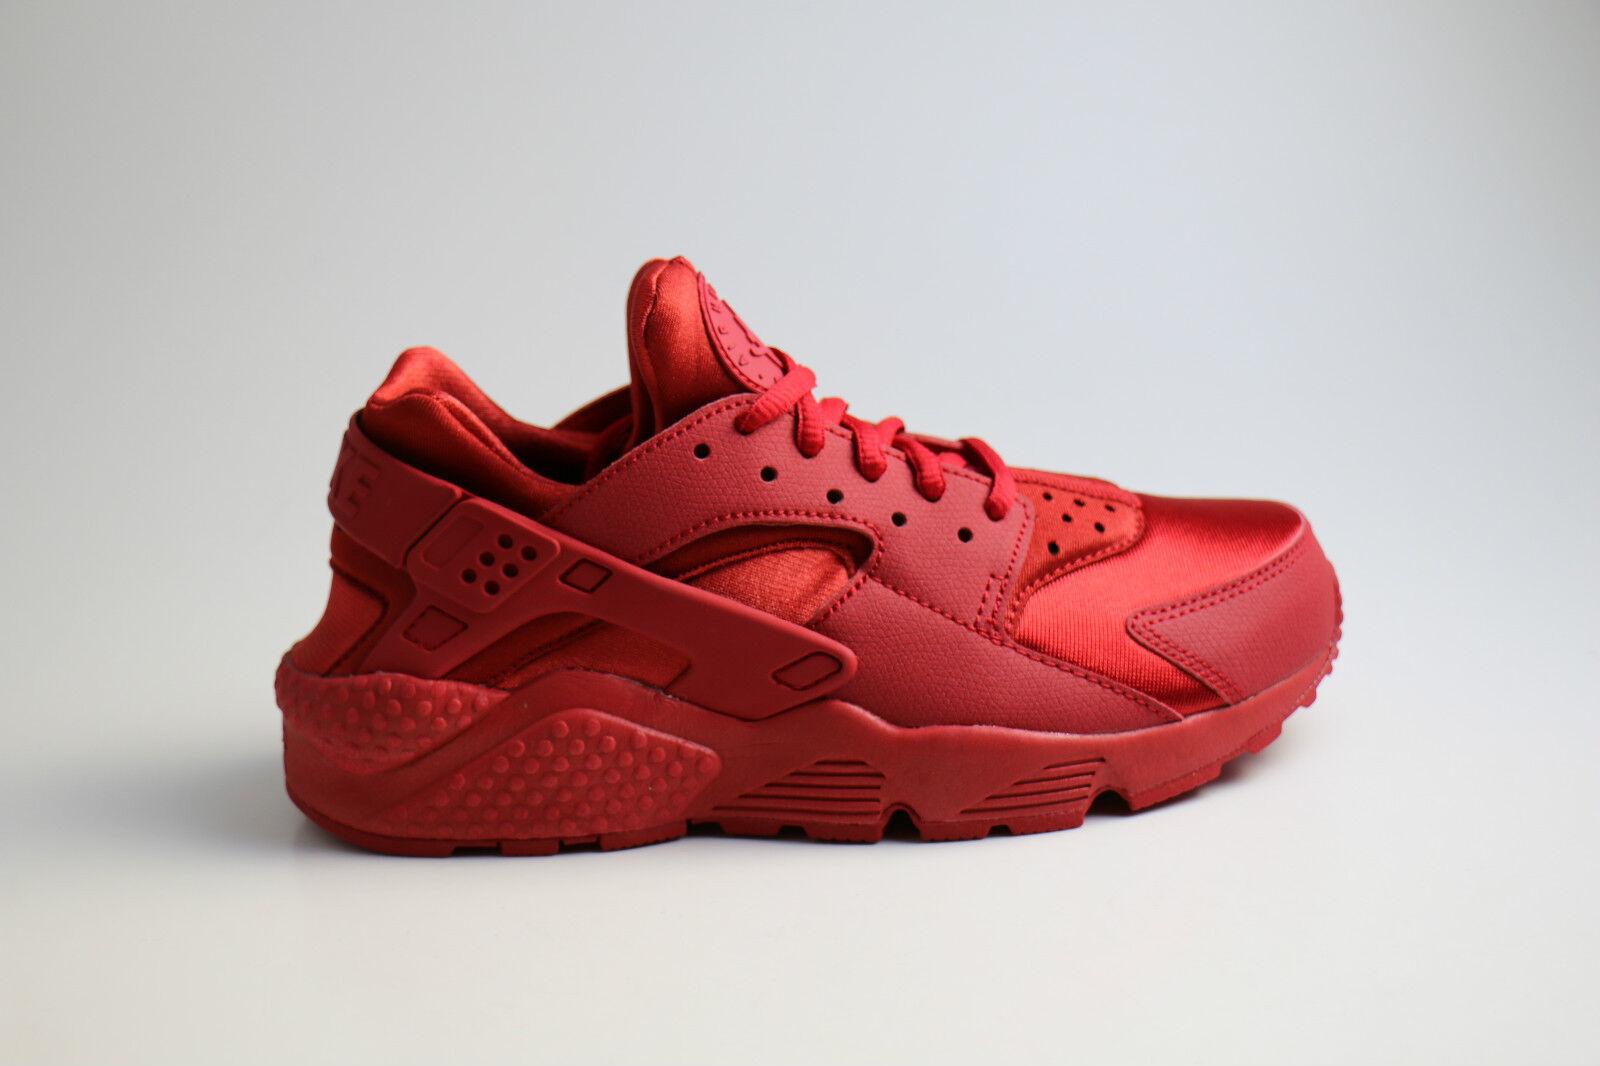 Nike wmns air huarache run triple red red triple Gym red 36,5 37,5 38 38,5 39 40 42,5 44 333eb1